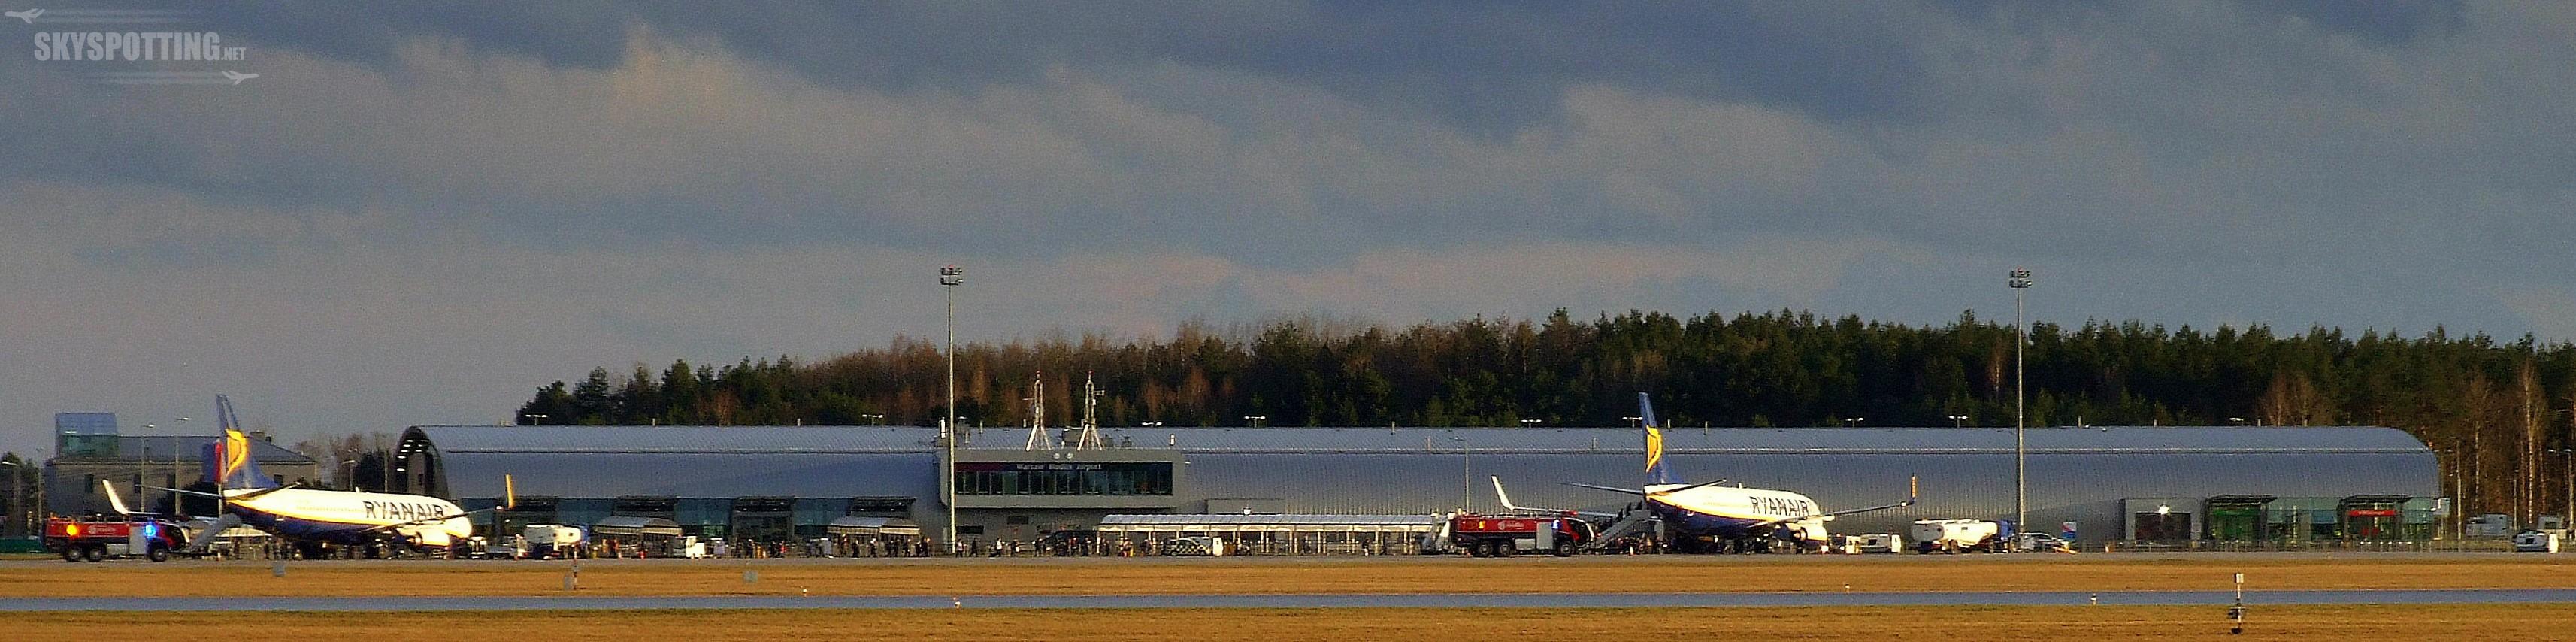 Ponad 220 tys. pasażerów w październiku i trzeci samolot w bazie